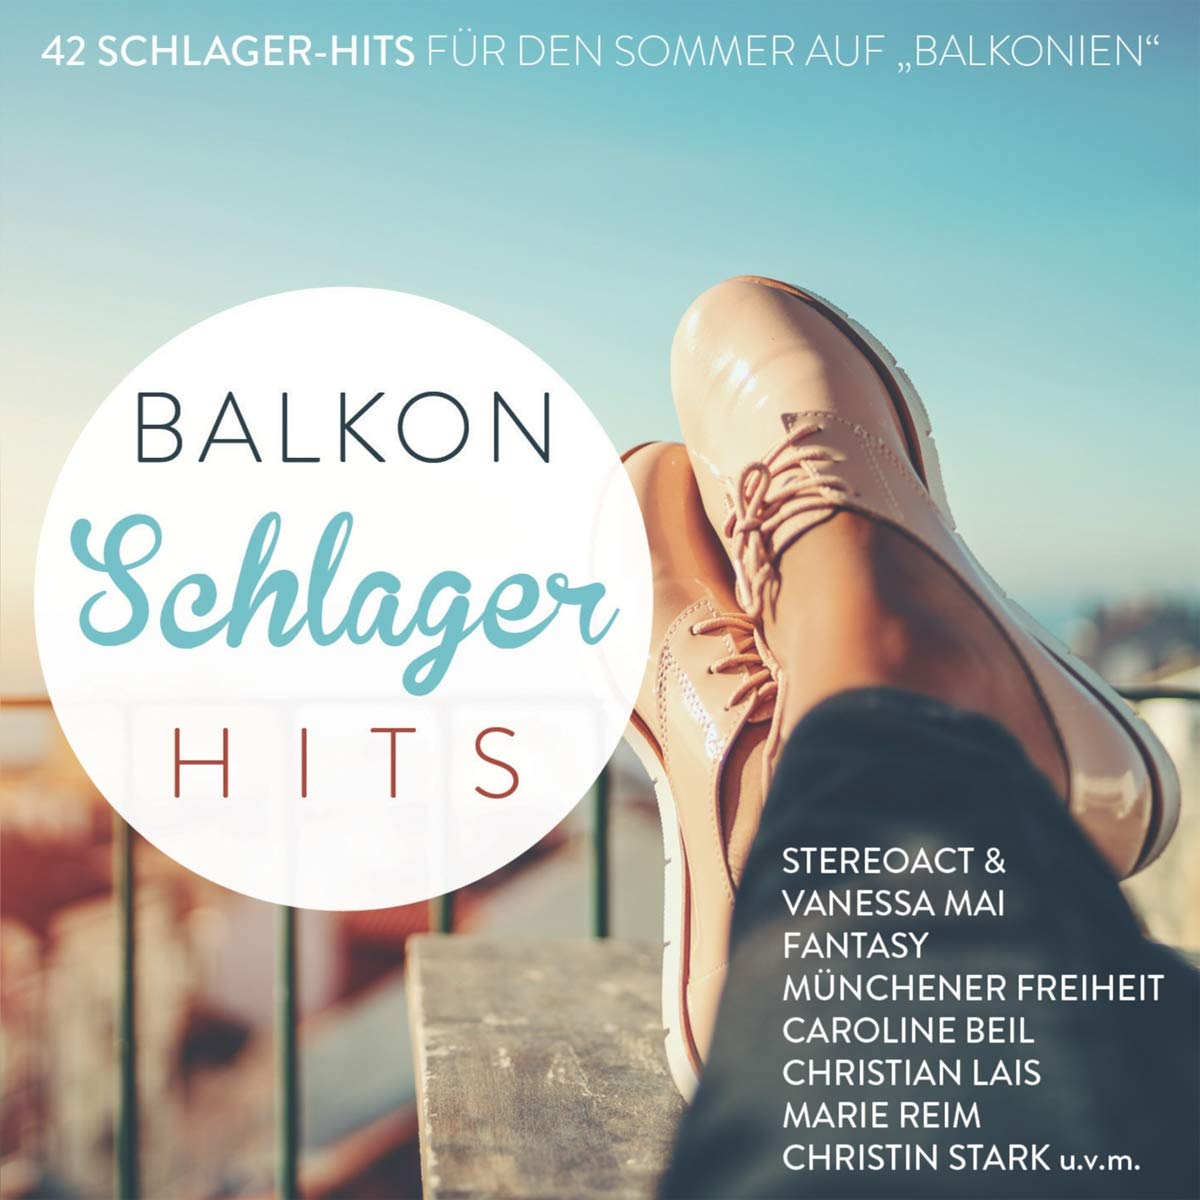 BALKON SCHLAGER HITS